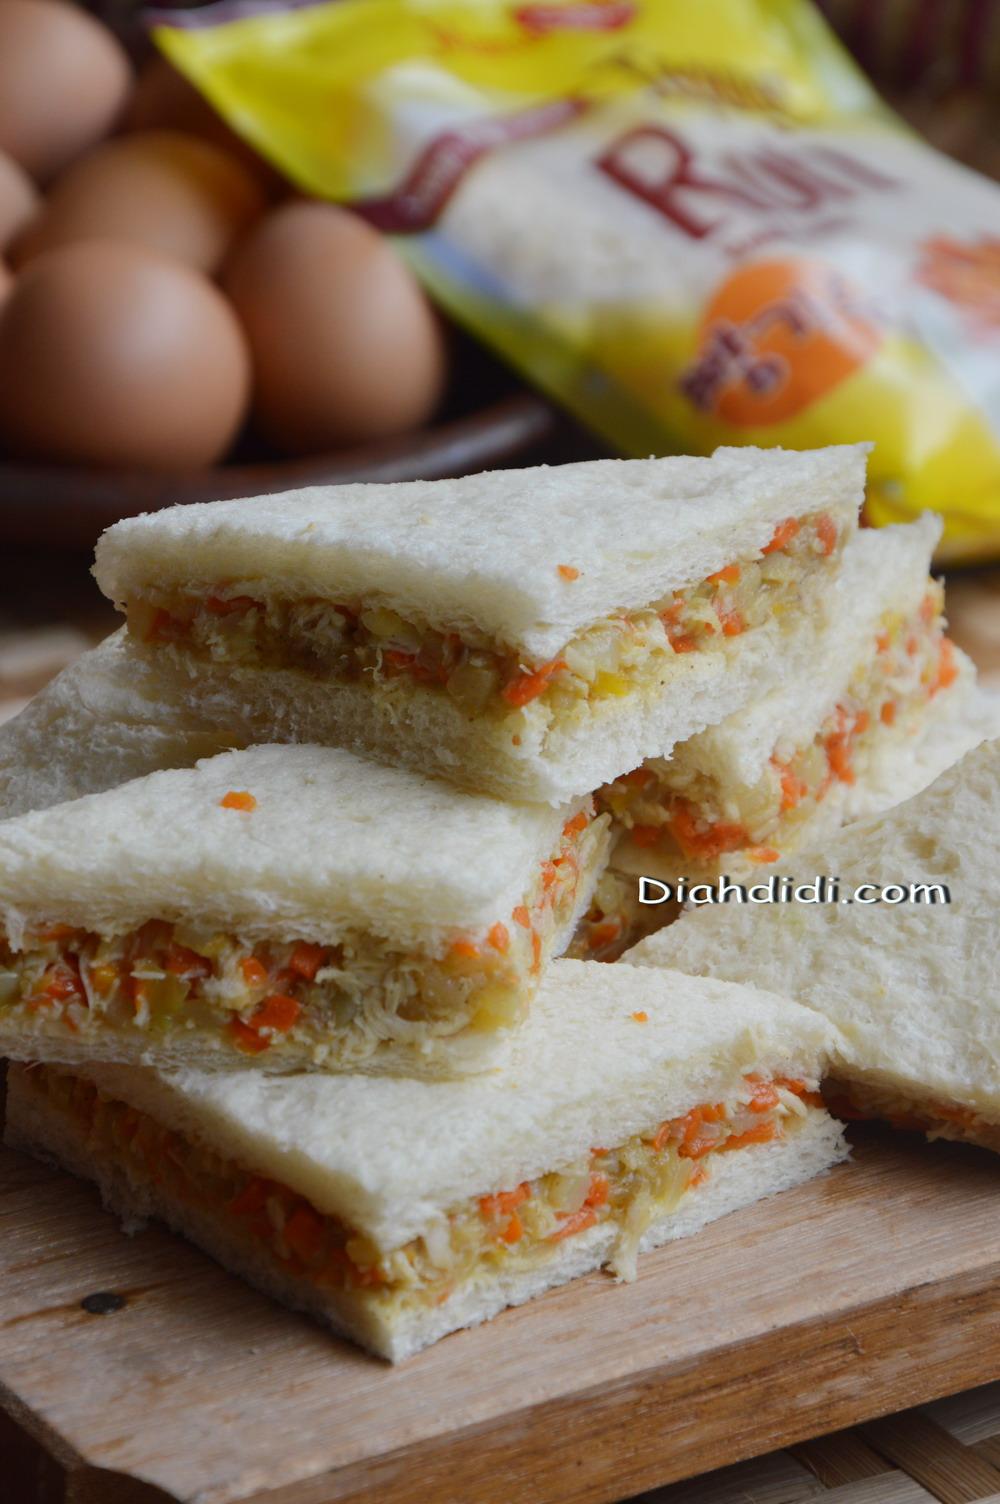 Diah Didis Kitchen Memanfaatkan Stock Roti Tawar Menjadi